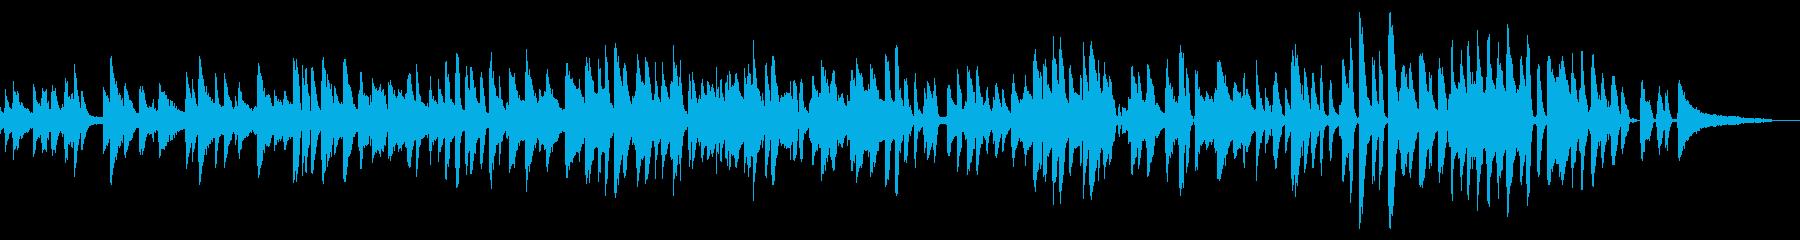 ウキウキ・楽しげ・アニメーション映画風の再生済みの波形